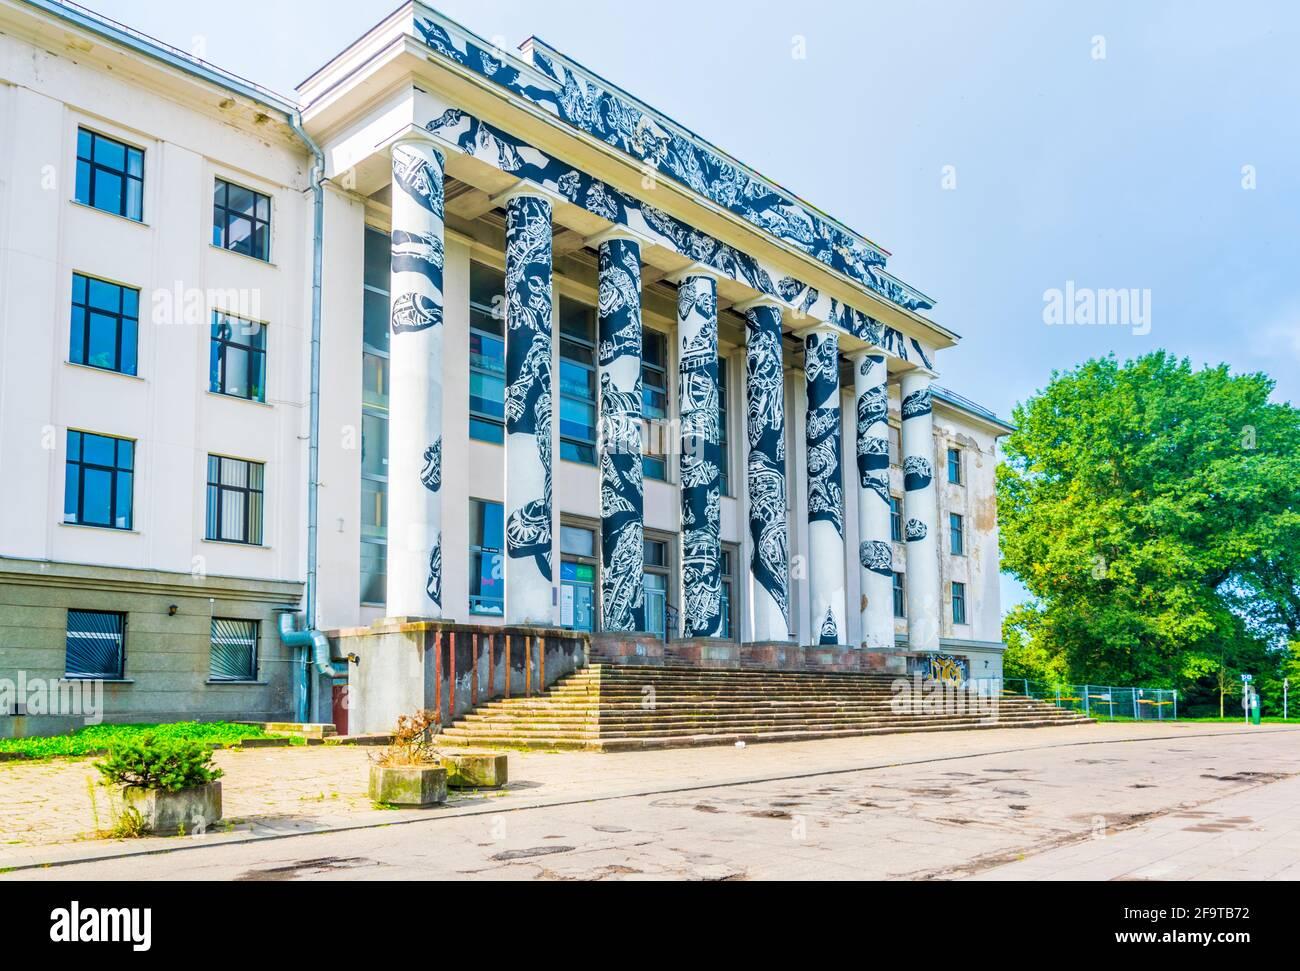 Ansicht eines Gebäudes auf dem Hügel Tauras in Vilnius, Litauen. Stockfoto